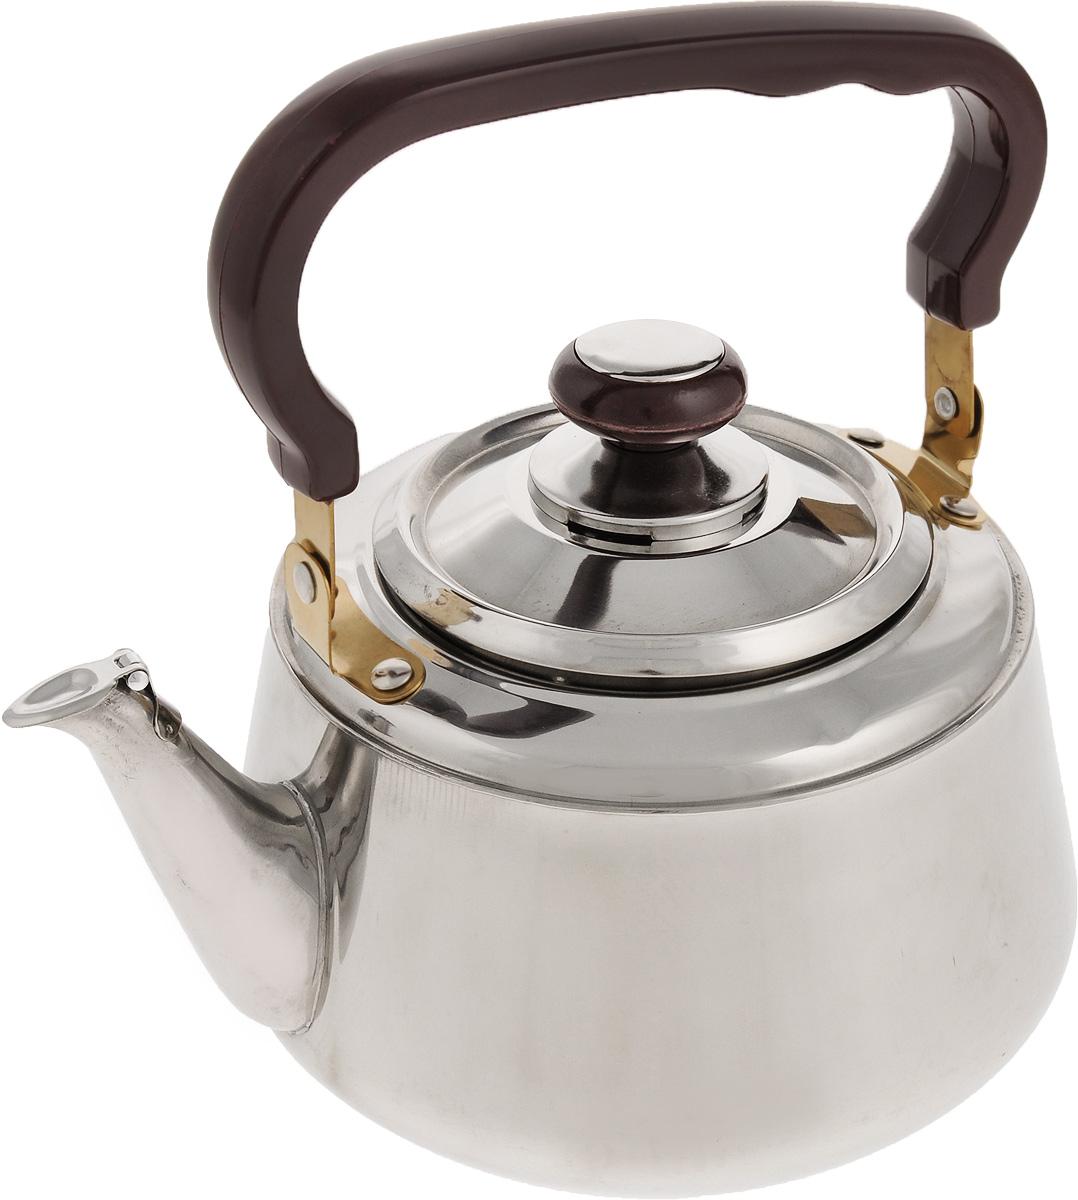 Чайник Mayer & Boch, со свистком, 2 л. 10391039Чайник Mayer & Boch изготовлен из высококачественной нержавеющей стали. Он оснащен удобной ручкой из бакелита, что делает использование чайника очень удобным и безопасным. Крышка снабжена свистком, позволяя контролировать процесс подогрева или кипячения воды.Эстетичный и функциональный чайник будет оригинально смотреться в любом интерьере.Подходит для стеклокерамических, газовых, электрических плит. Можно мыть в посудомоечной машине.Высота чайника (без учета ручки и крышки): 11,5 см.Высота чайника (с учетом ручки и крышки): 22,5 см.Диаметр чайника (по верхнему краю): 10 см.